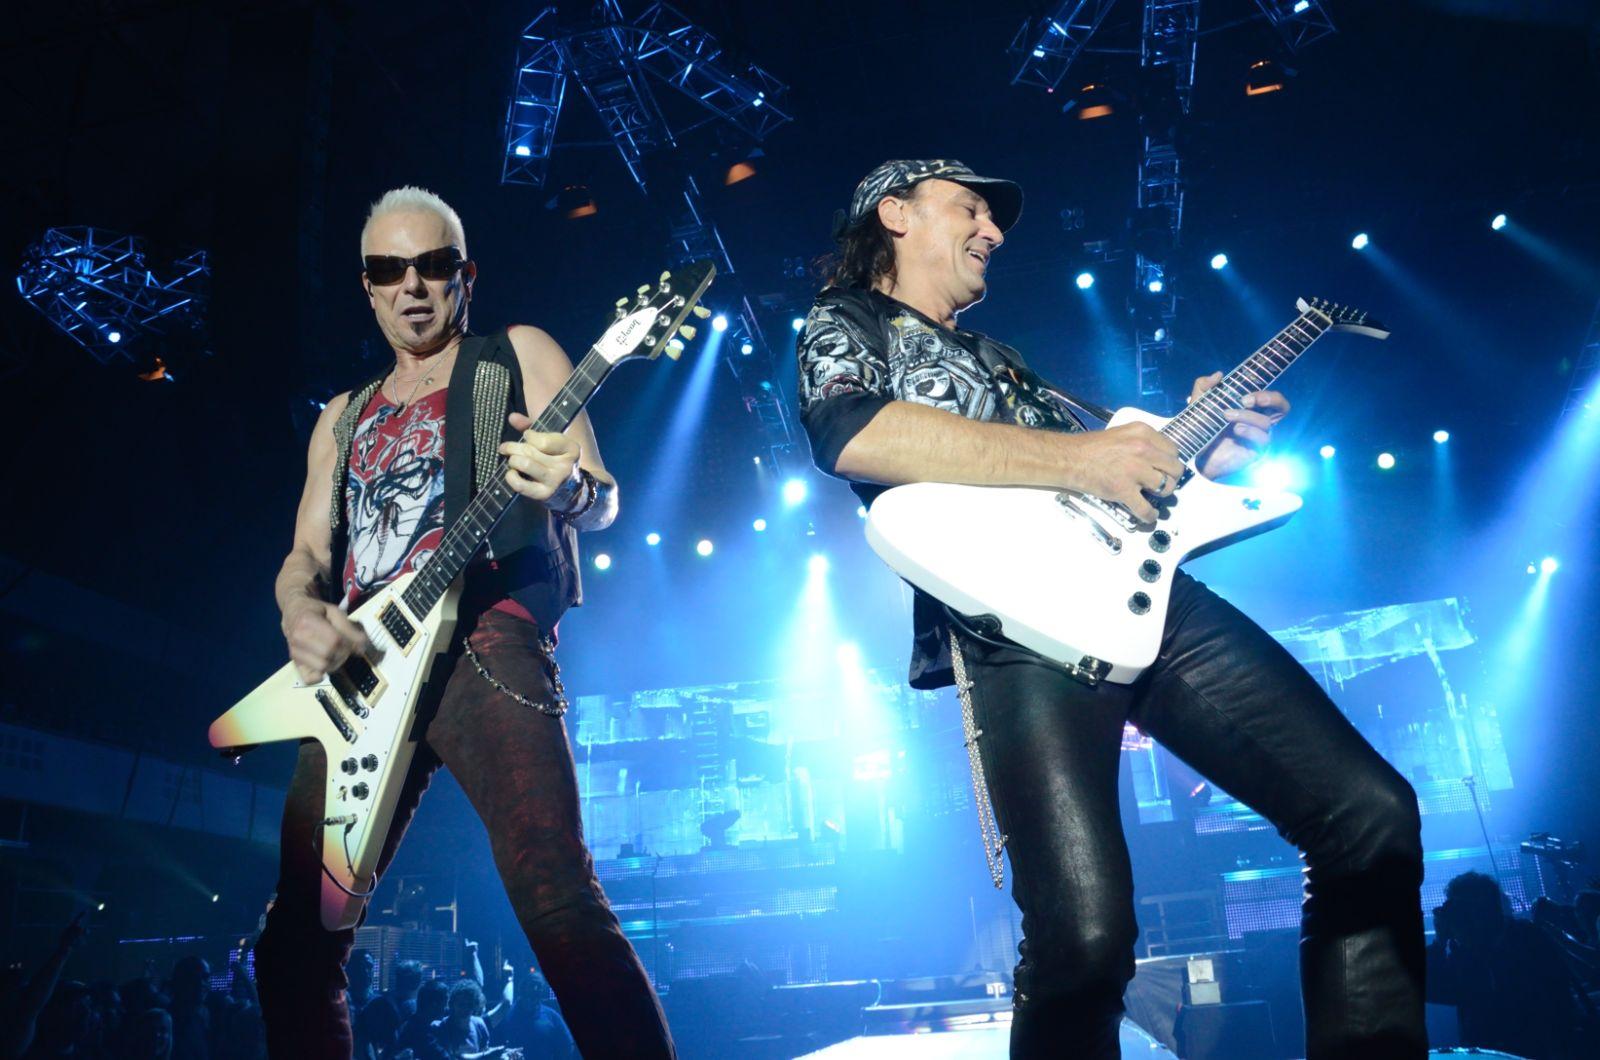 scorpions_abschieds_tour_2012_in_frankfurt_6_20120517_1661940209